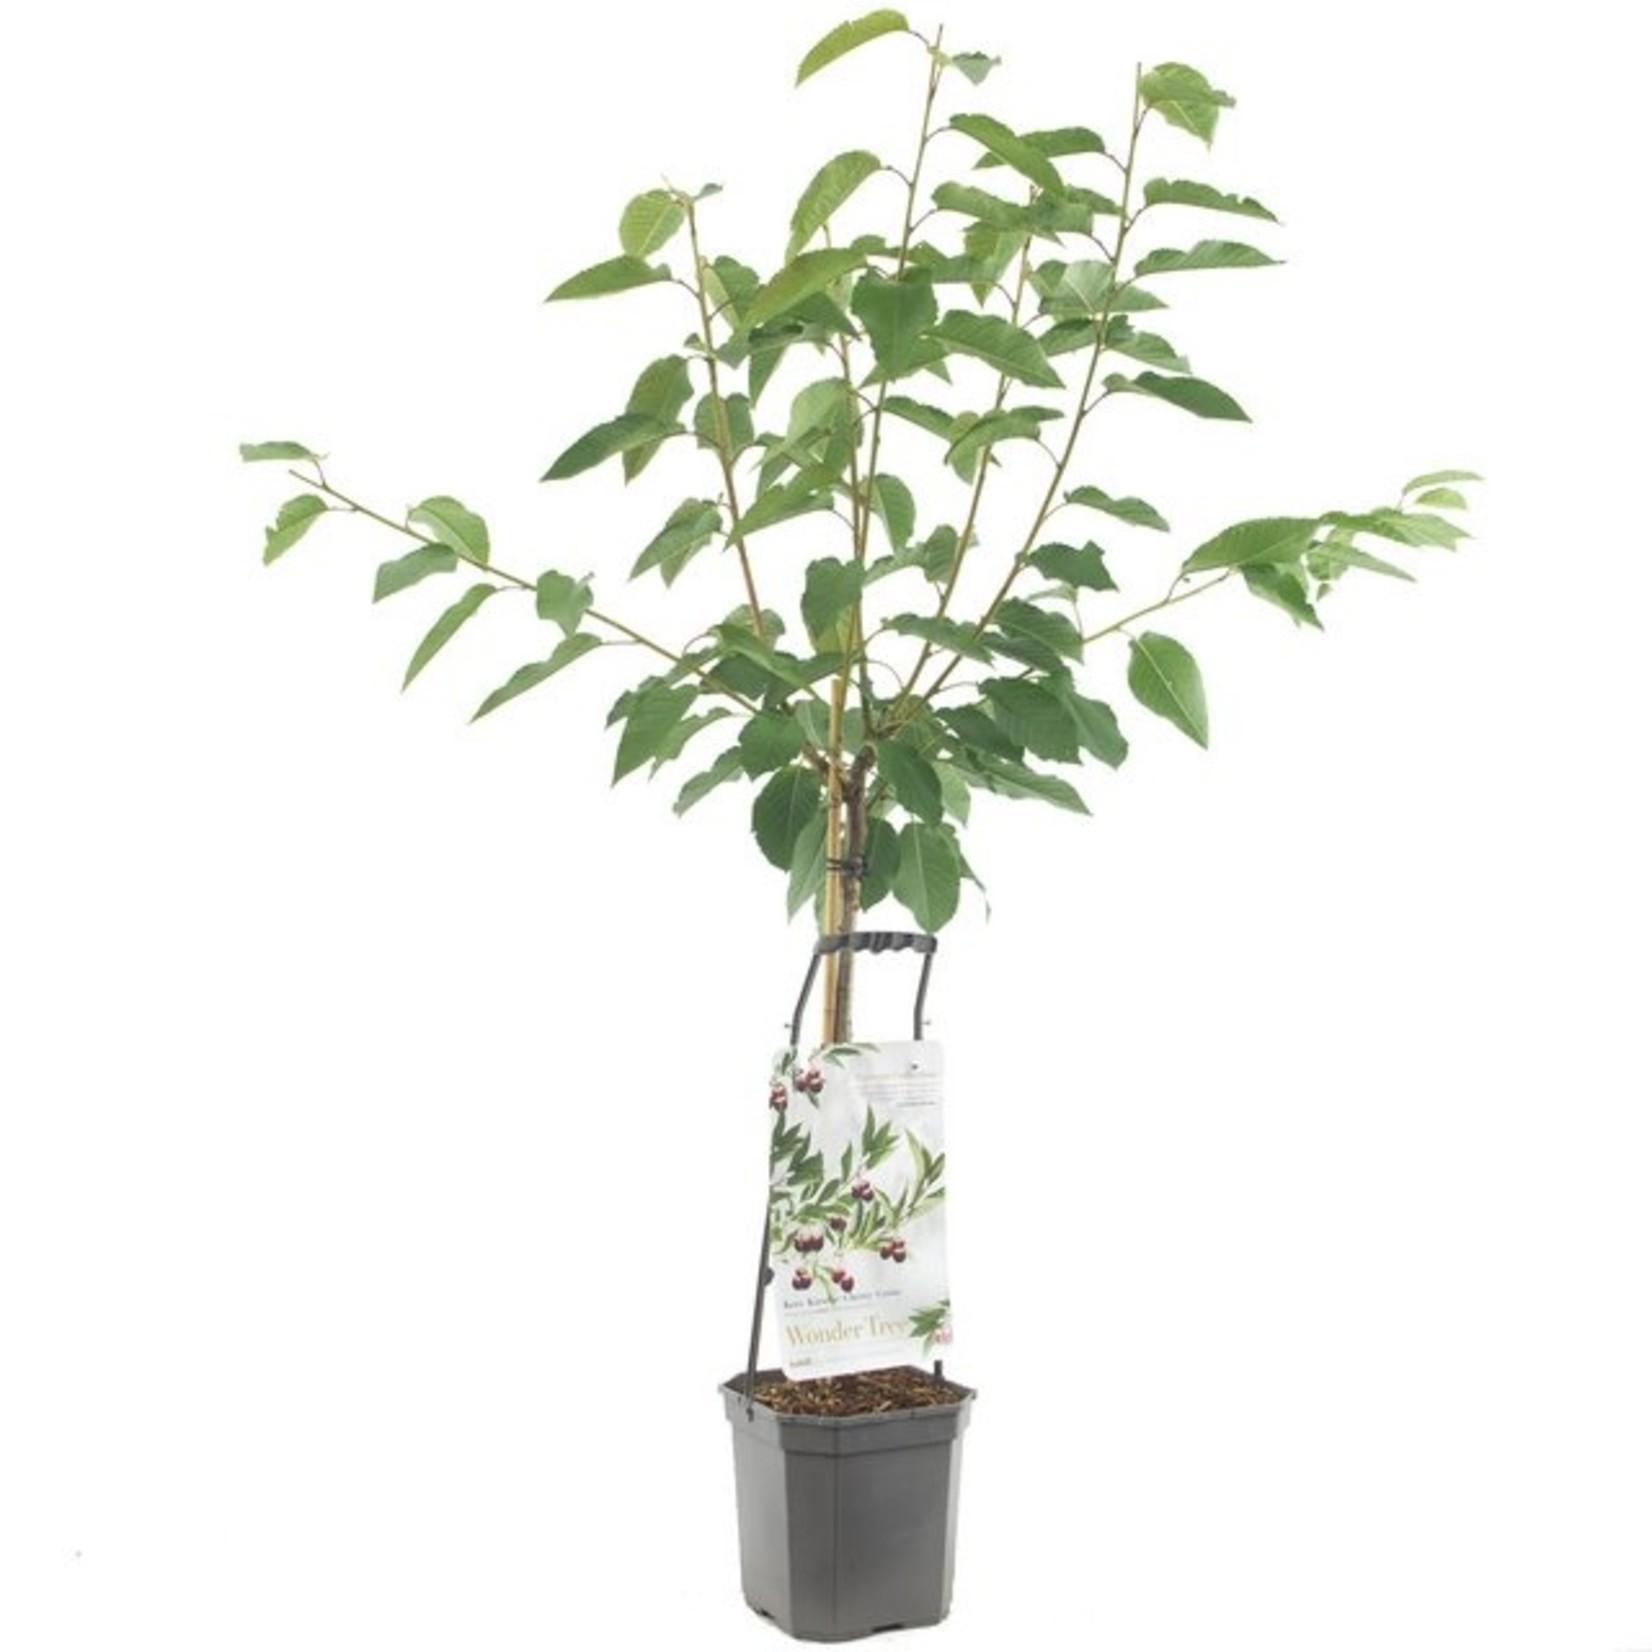 Wondertree Prunus 'Lapins' (Zoete kers)